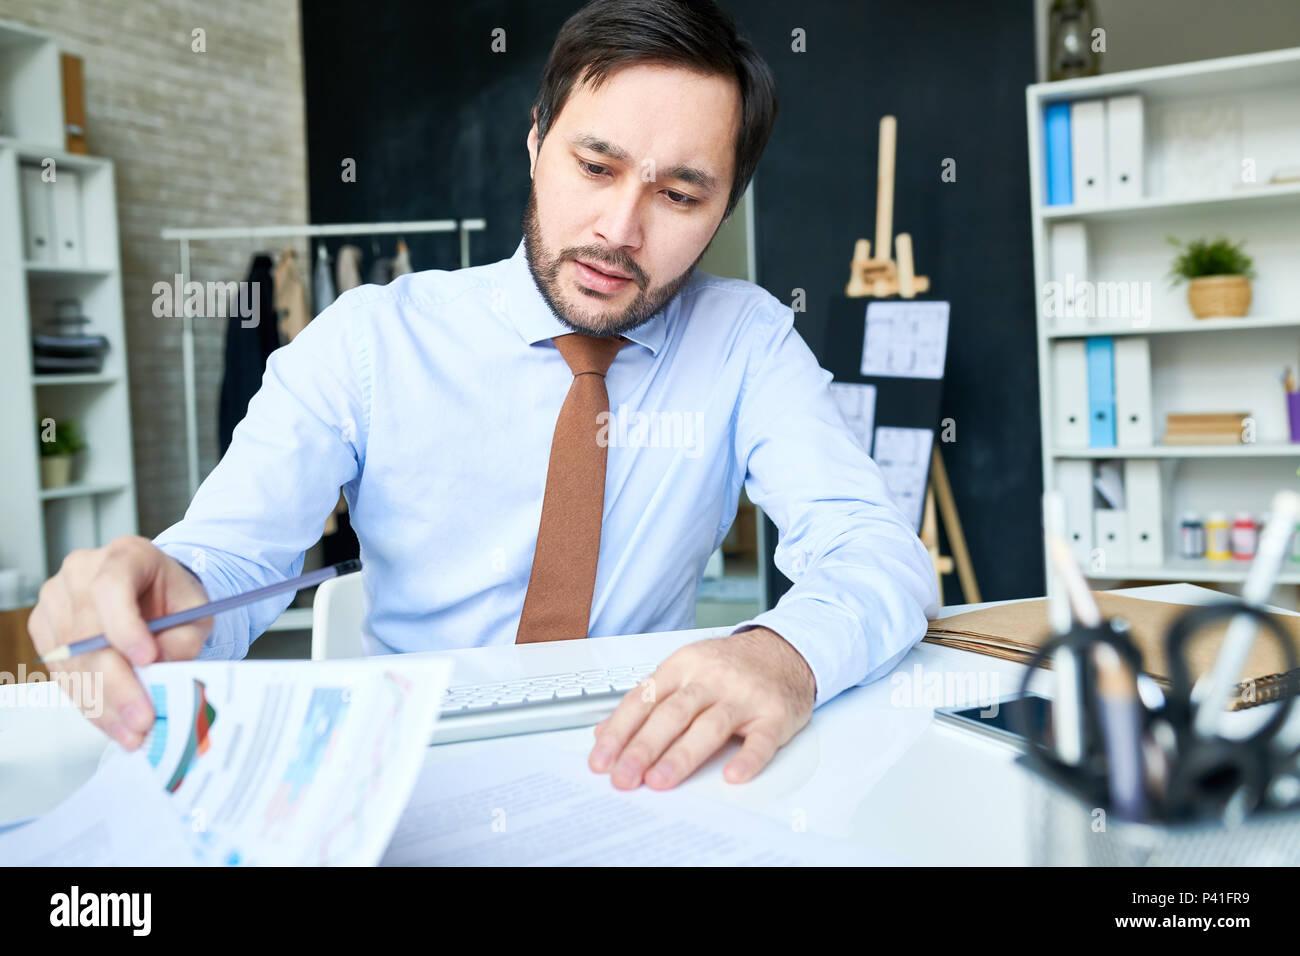 Imprenditore lavora con documenti di office Immagini Stock